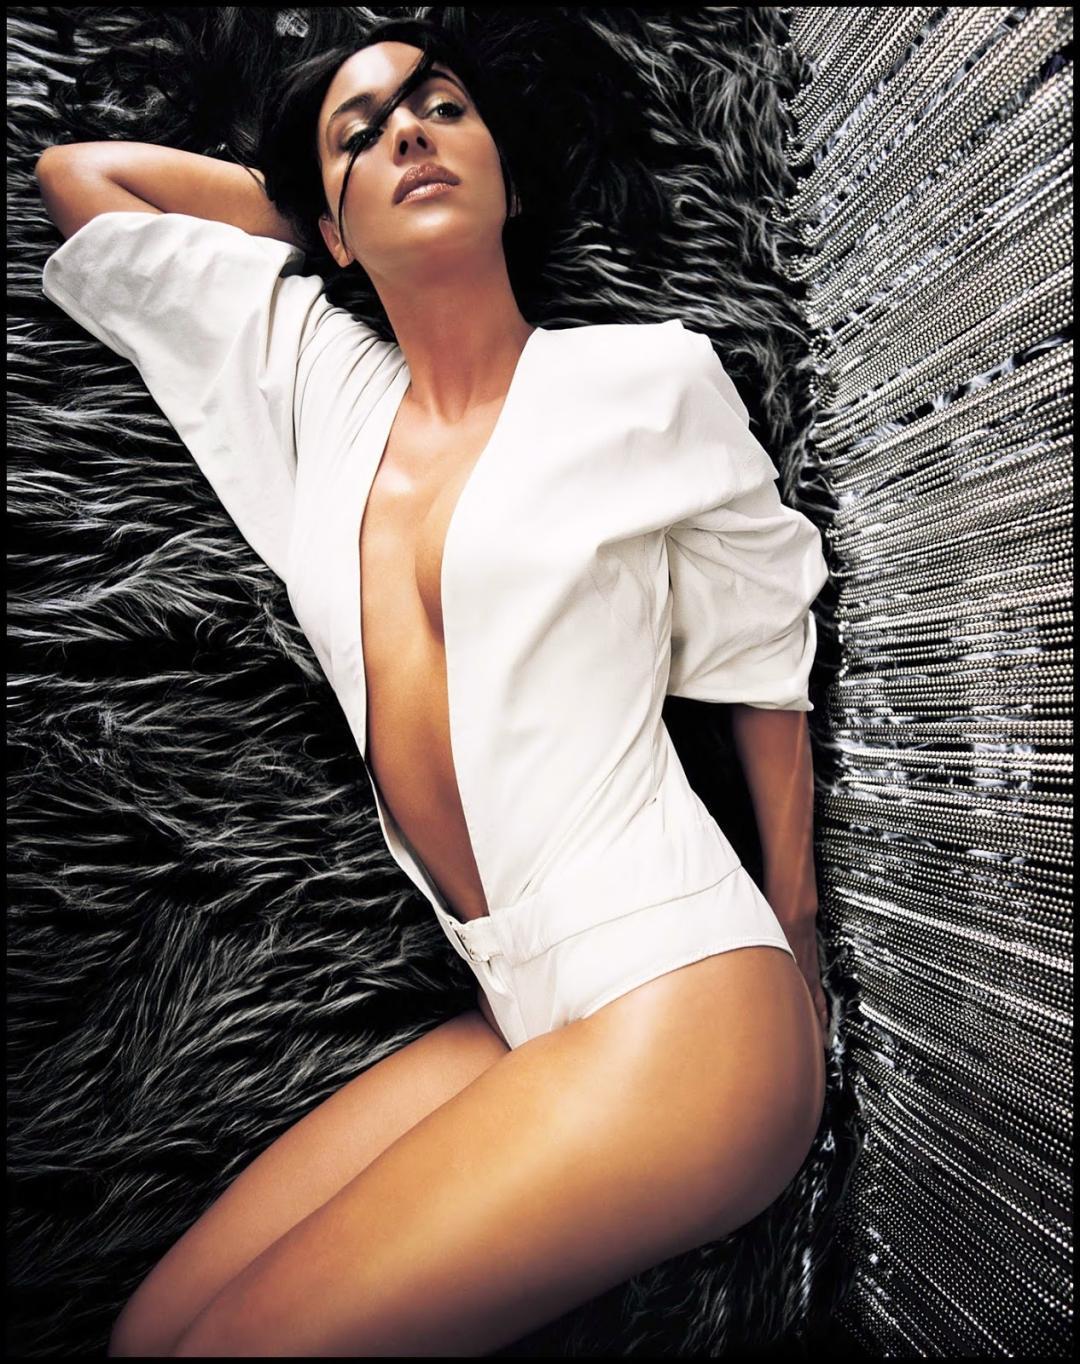 эротическая Моника Беллуччи в белом пиджаке на голое тело